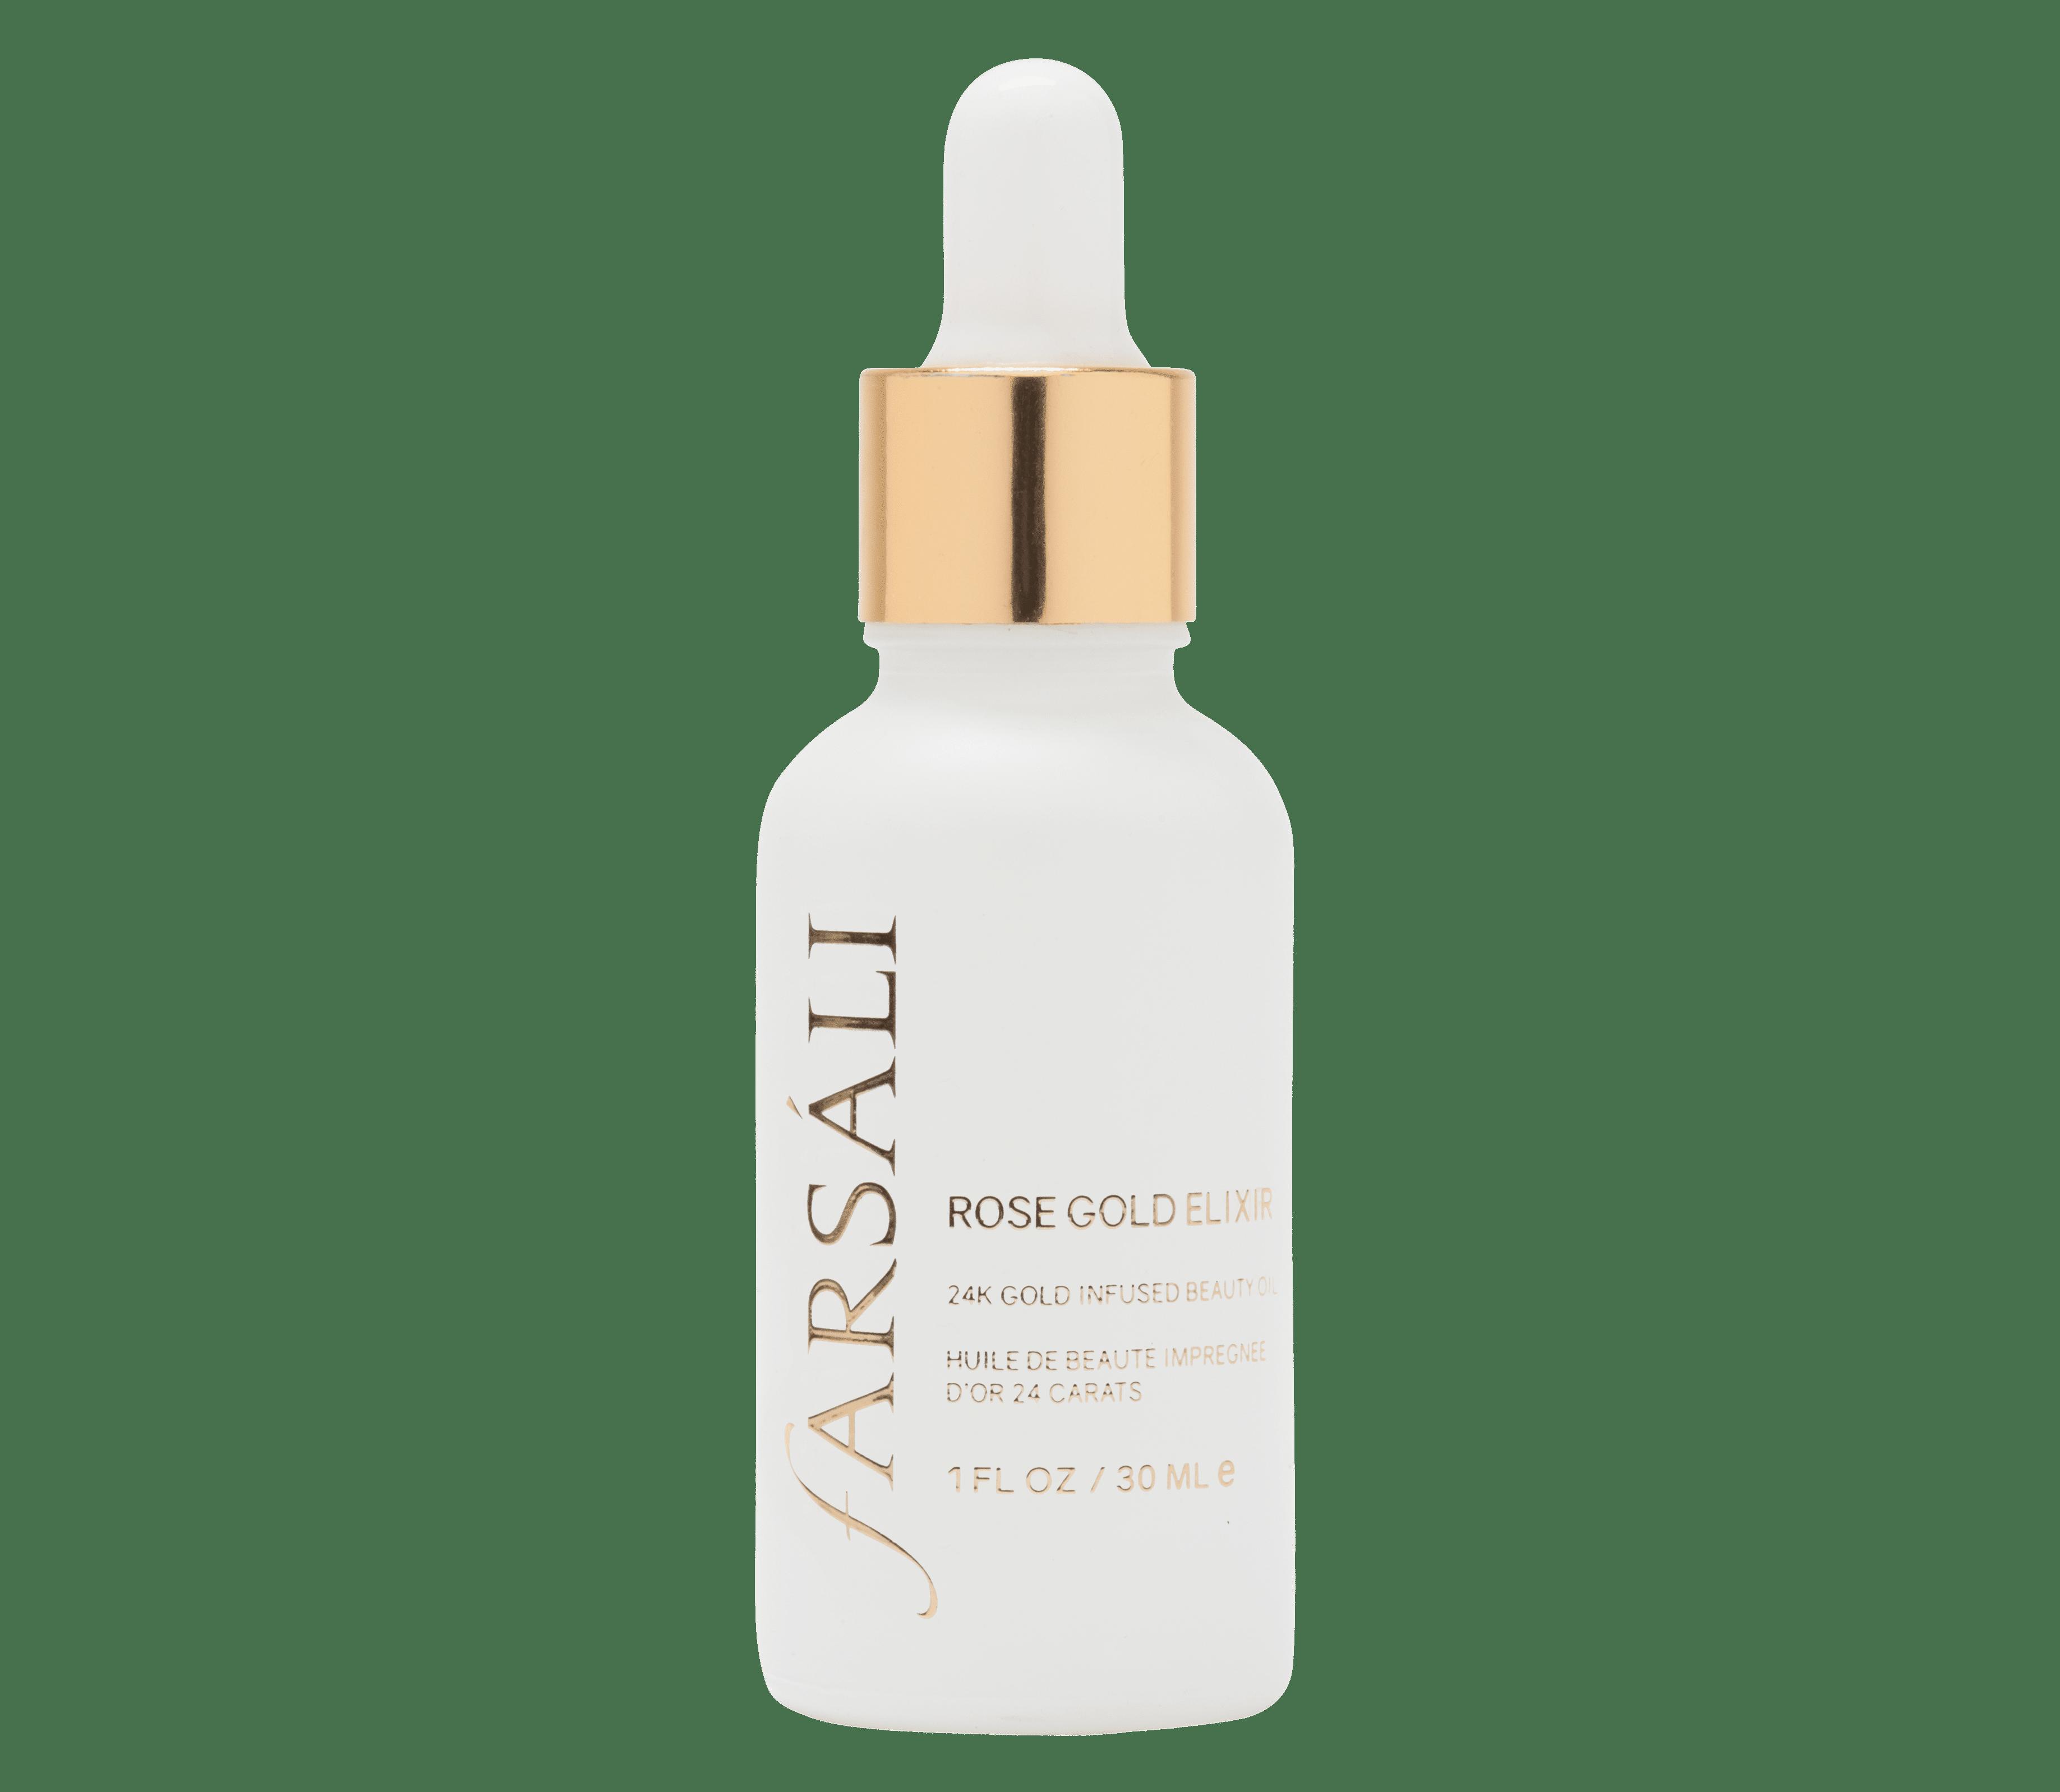 Farsali Rose Gold Elixir: un trattamento idratante quotidiano per nutrire, illuminare e migliorare la texture della pelle